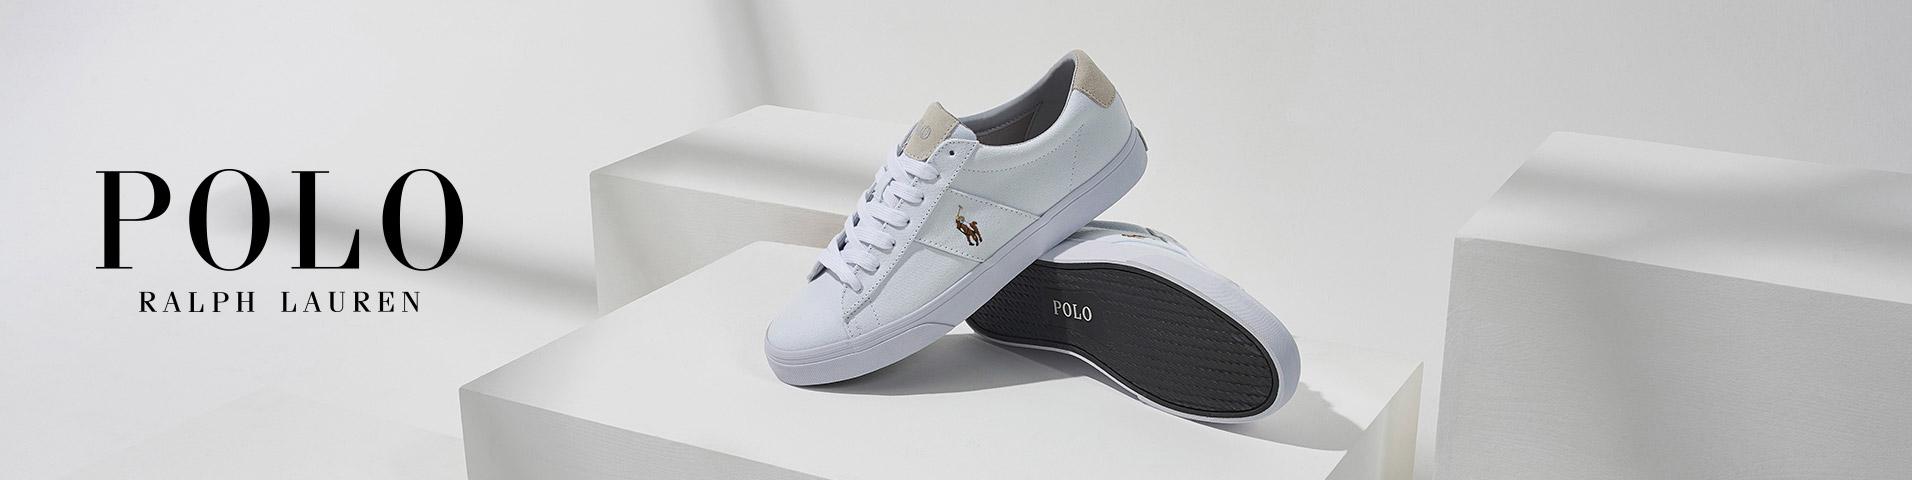 Polo Chaussures Lauren Ralph Choix Sur Ligne Homme NoirLarge En dtshQrCx